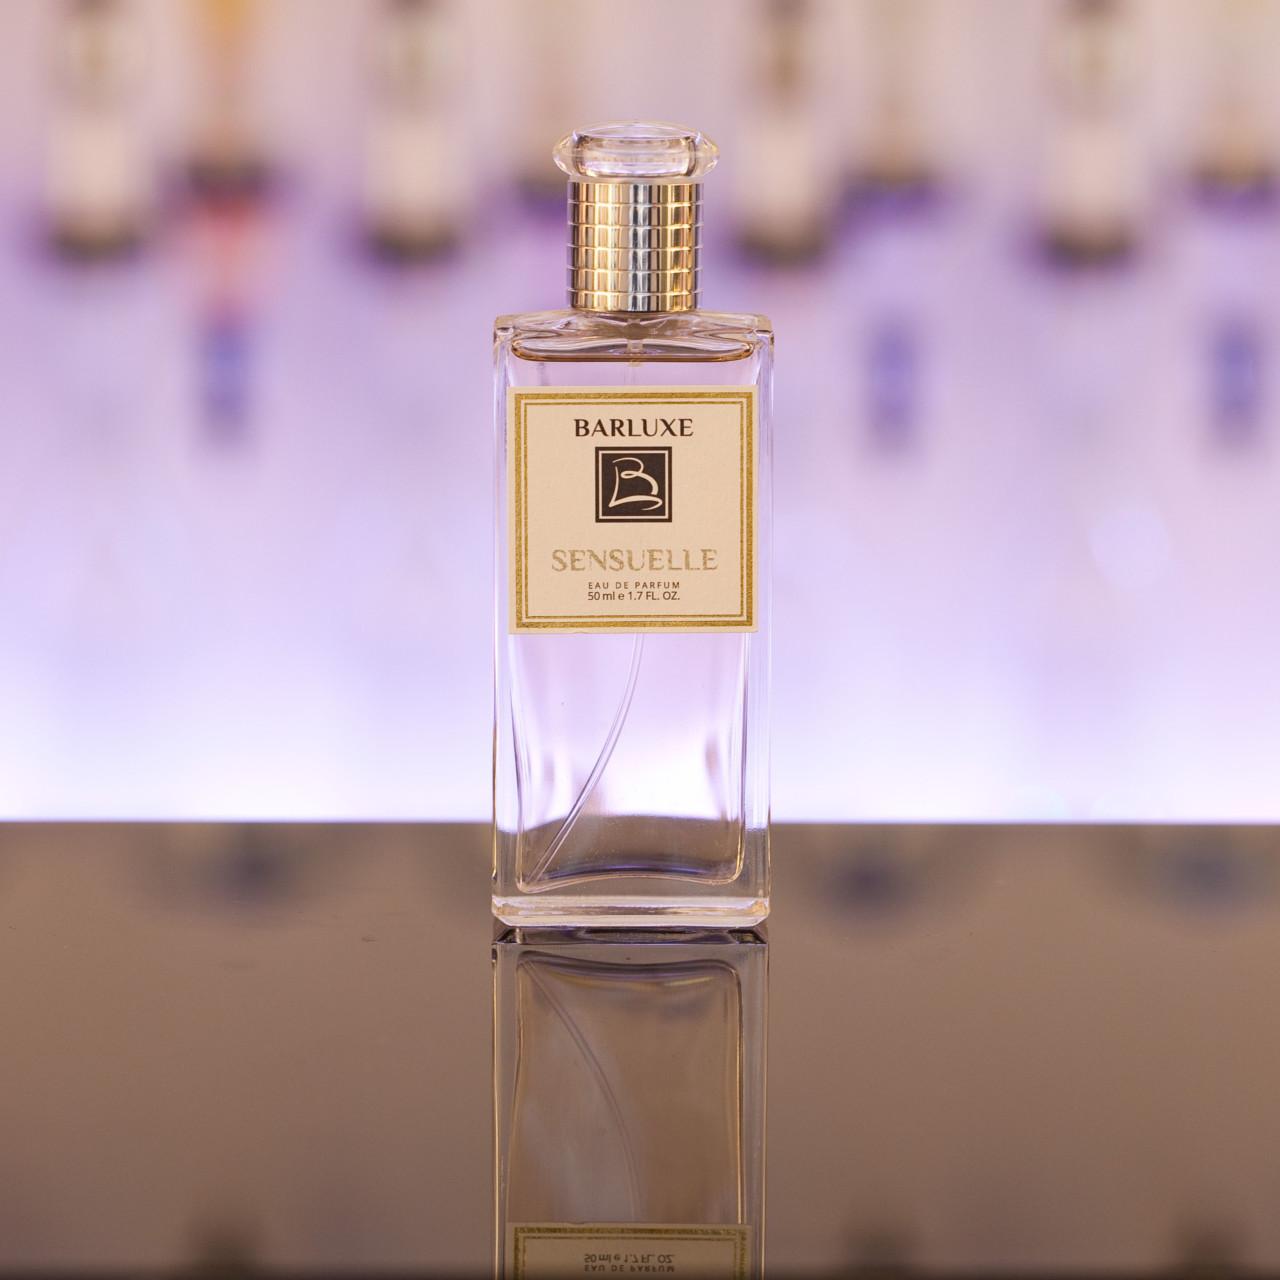 damen-parfum-dupe-double-duft-duftzwilling-sensuelle